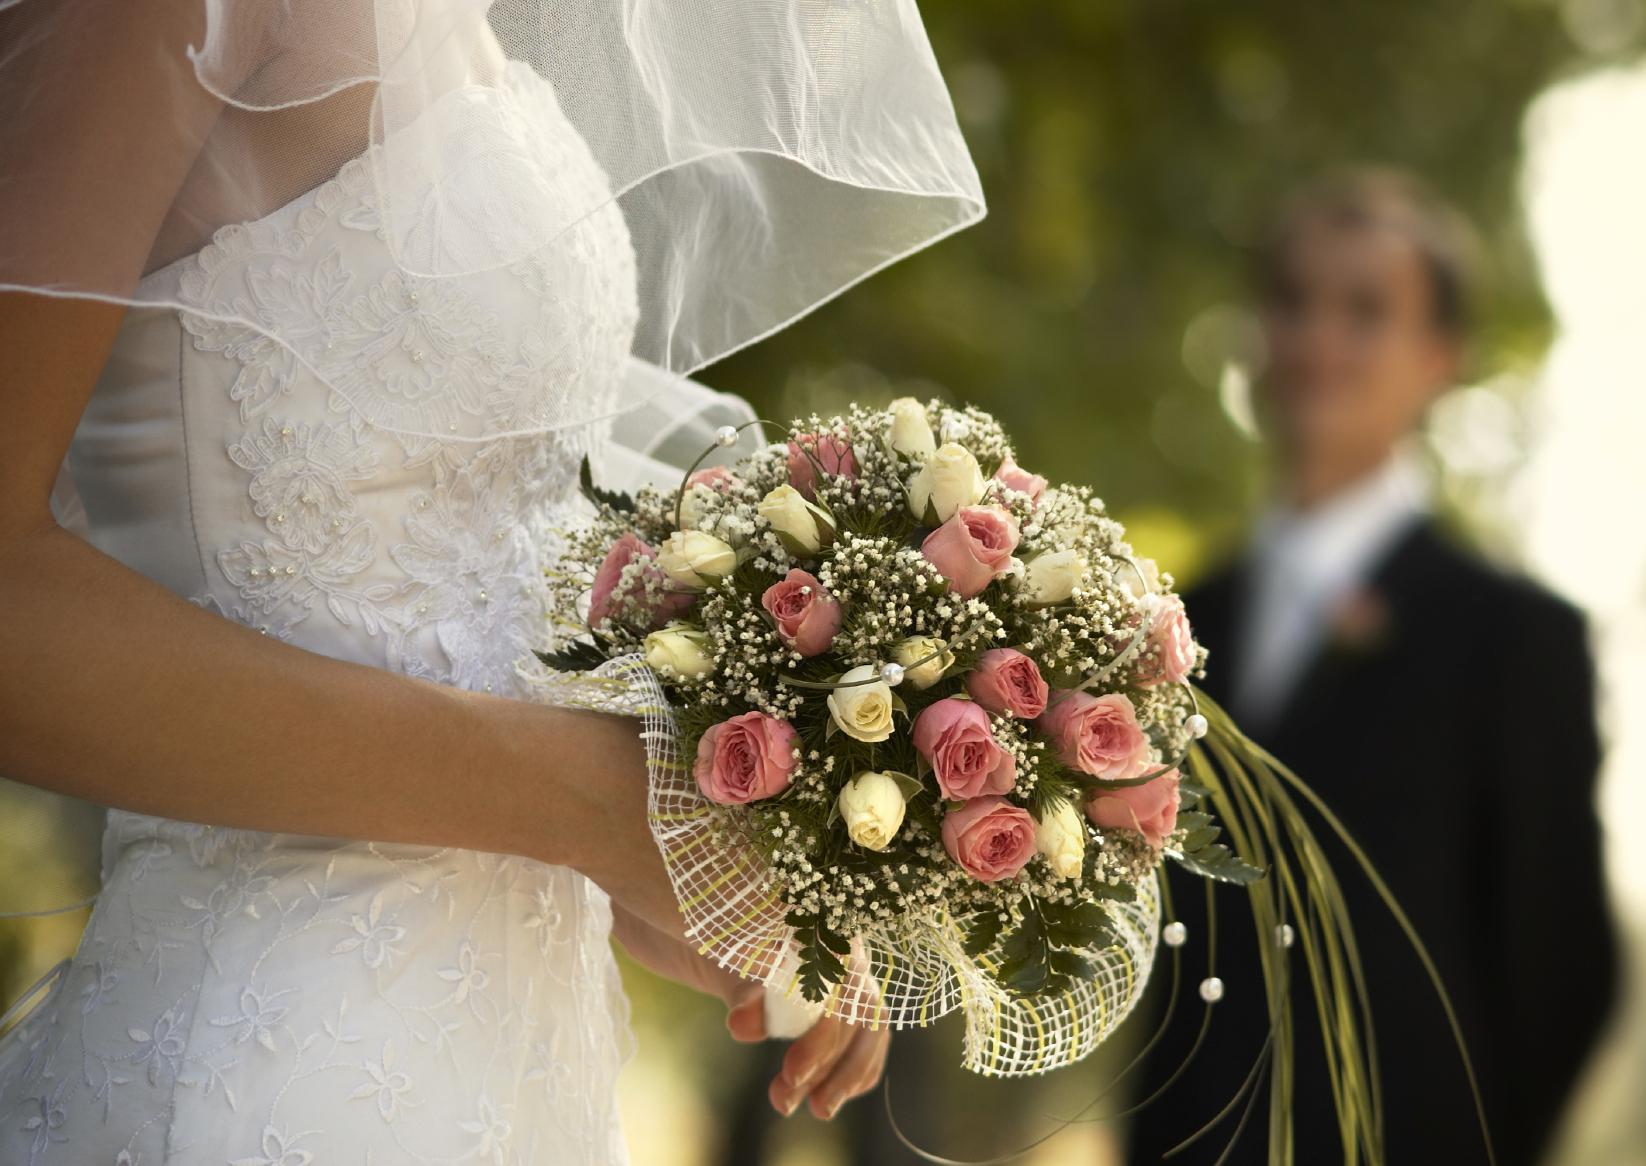 Bouquet Hand.jpg